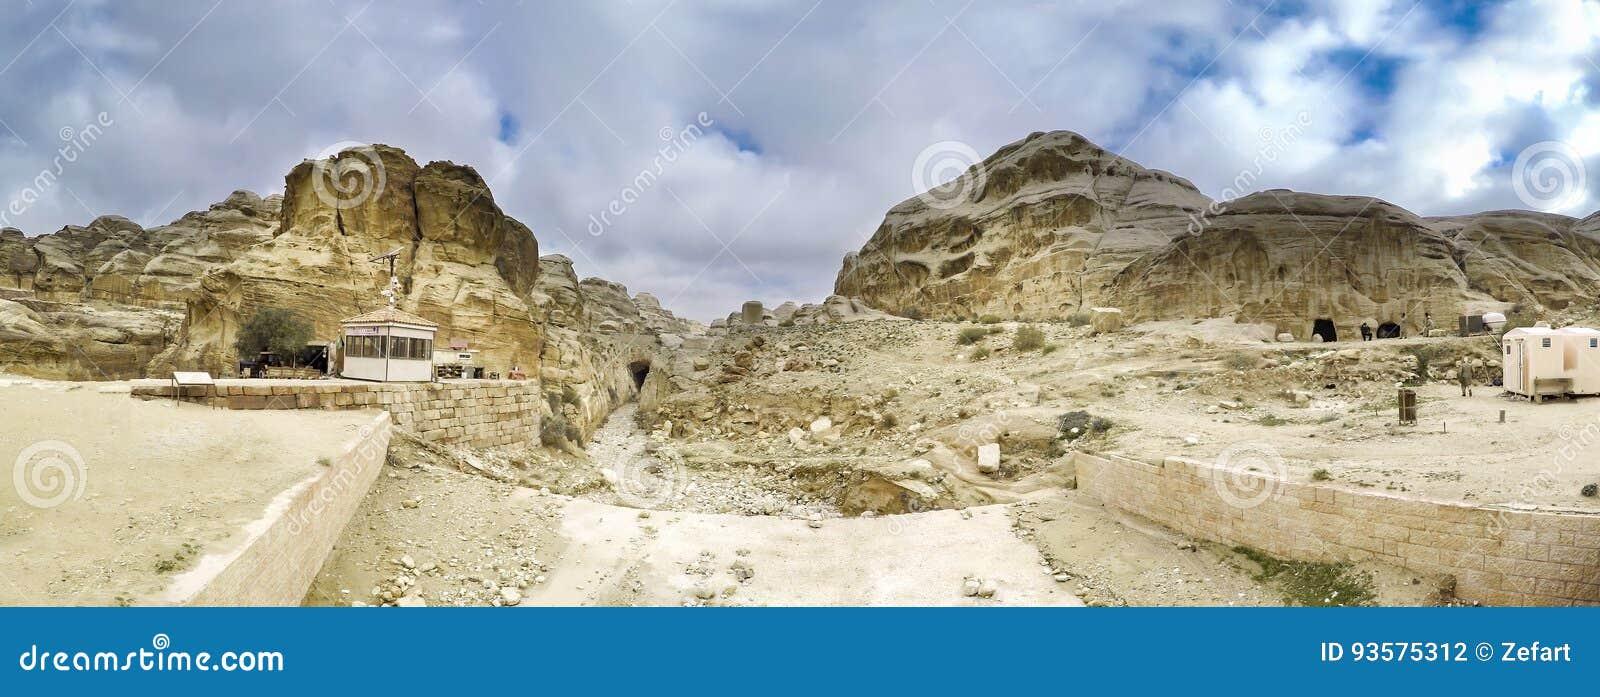 Panorama van Petra, Jordanië